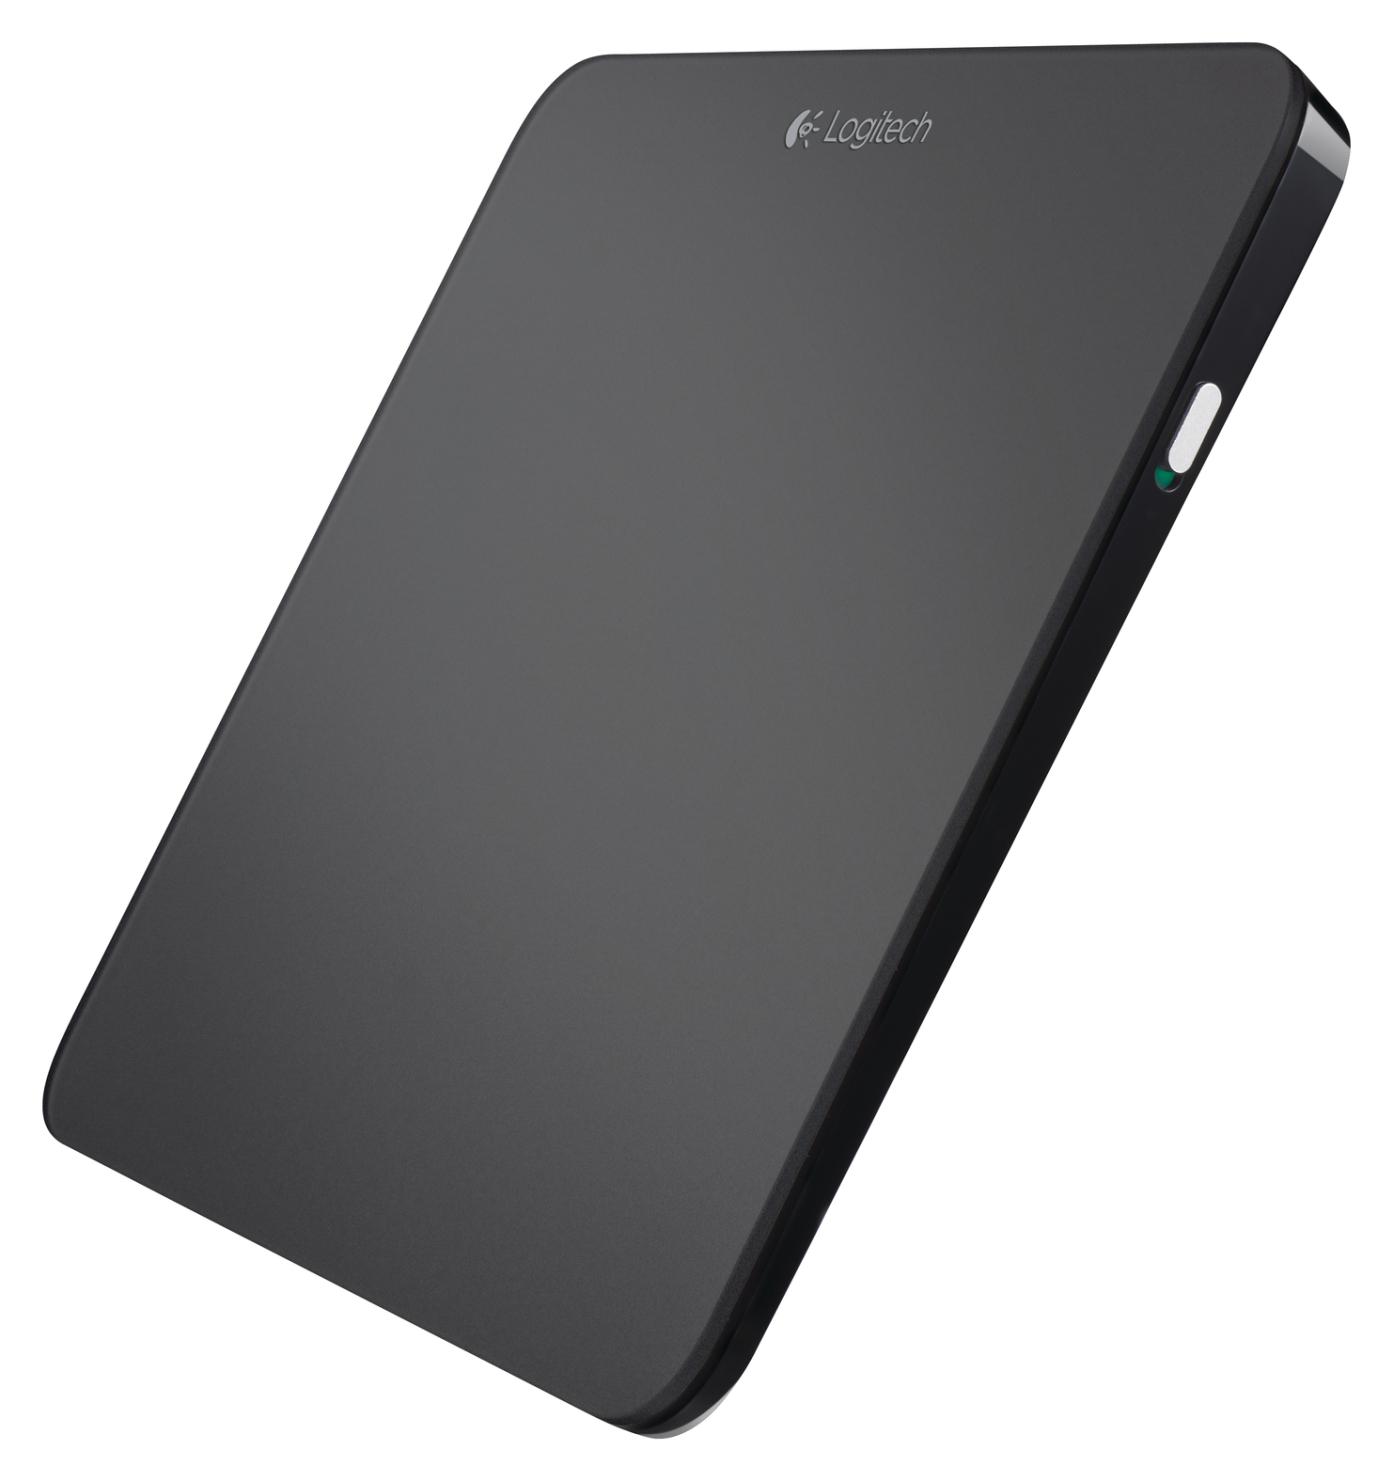 Logitech T650 - bezprzewodowy touchpad dla Windows 8